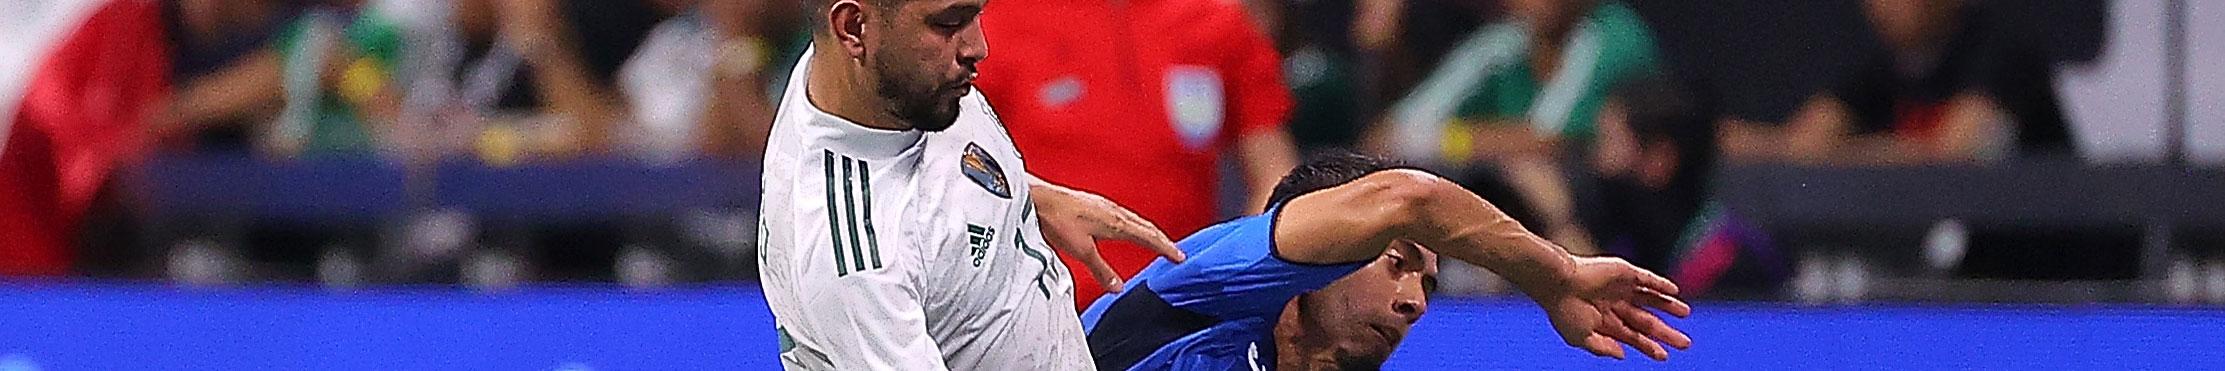 Mexico vs Honduras prediction, CONCACAF Gold Cup, football